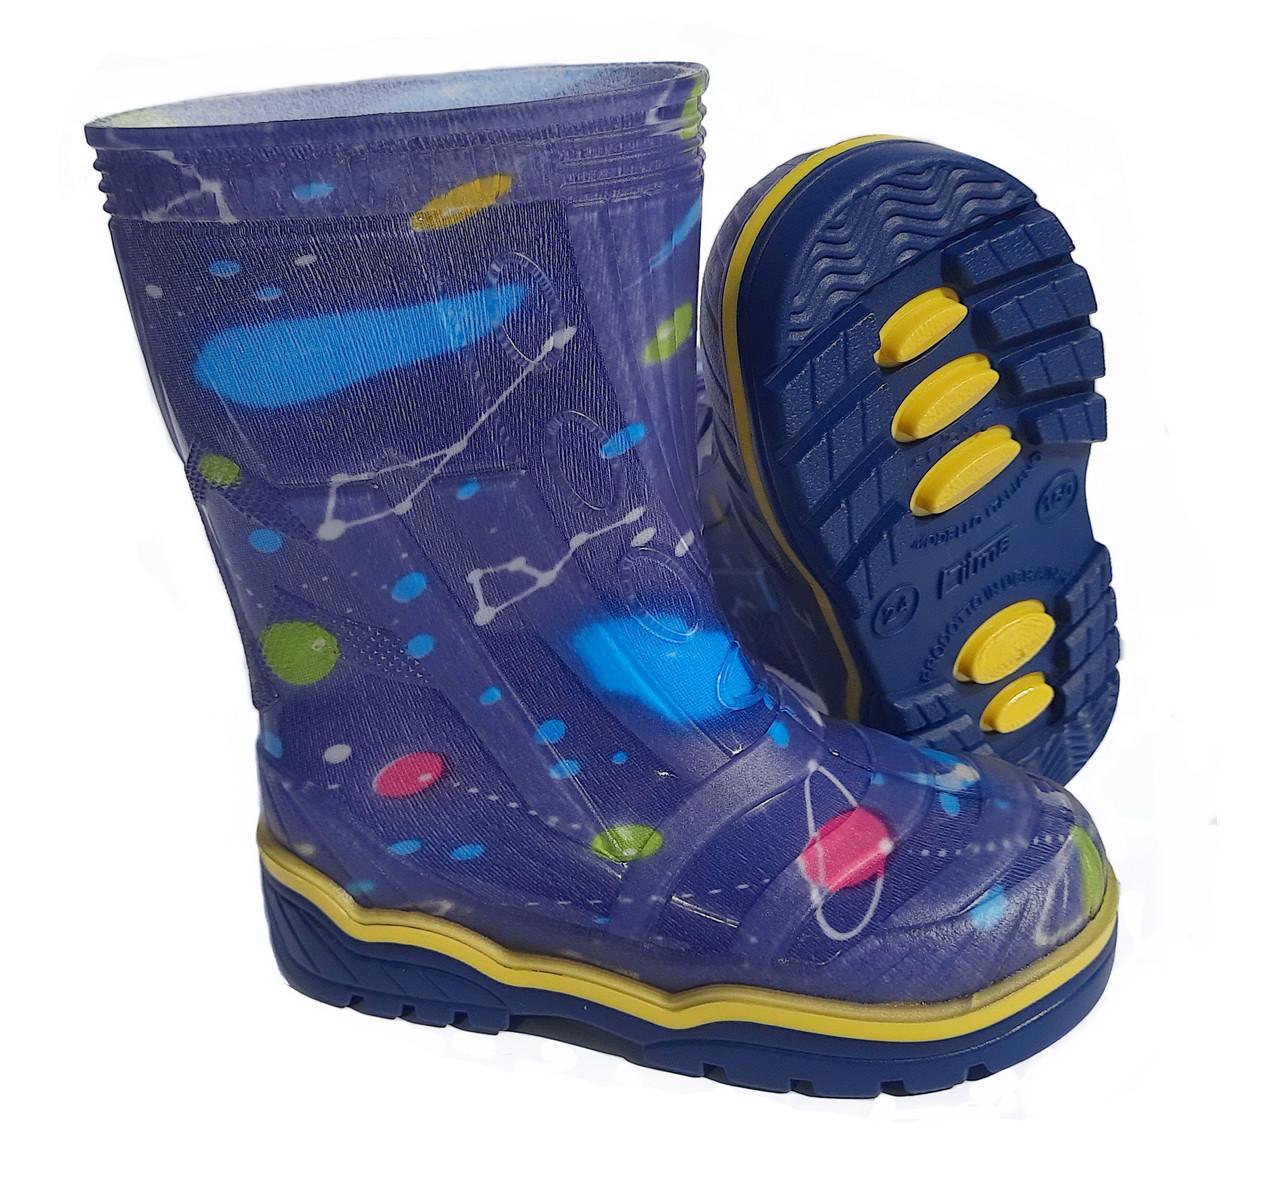 Резиновые сапоги детские цветные Для мальчика | Размер 23-26 |